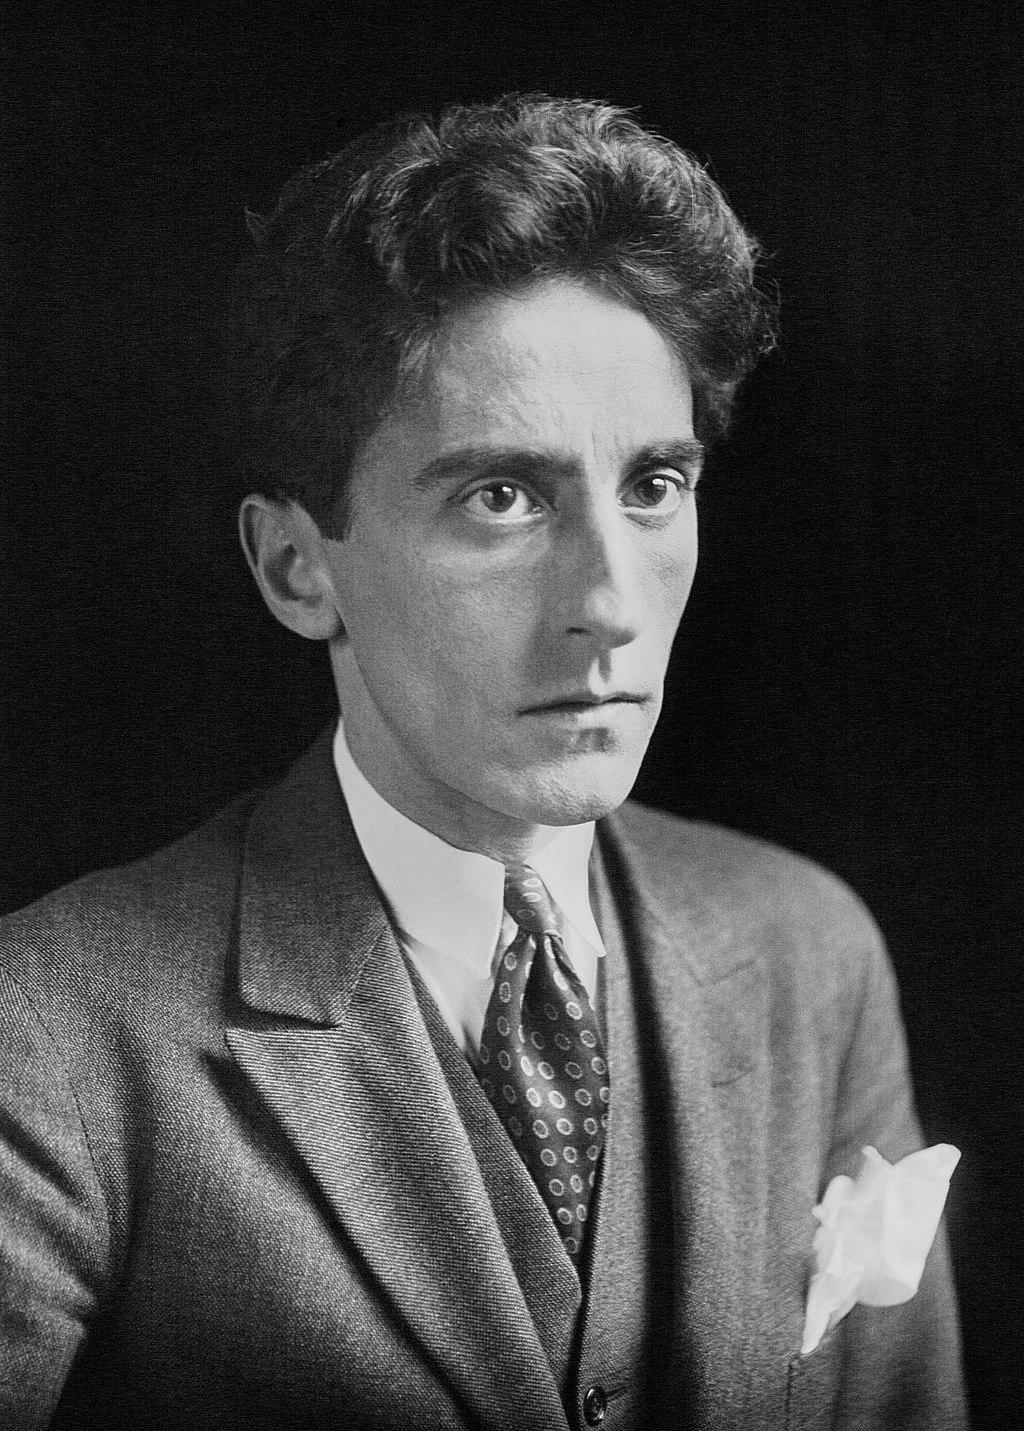 ジャン・コクトー(Jean Cocteau)Wikipediaより。